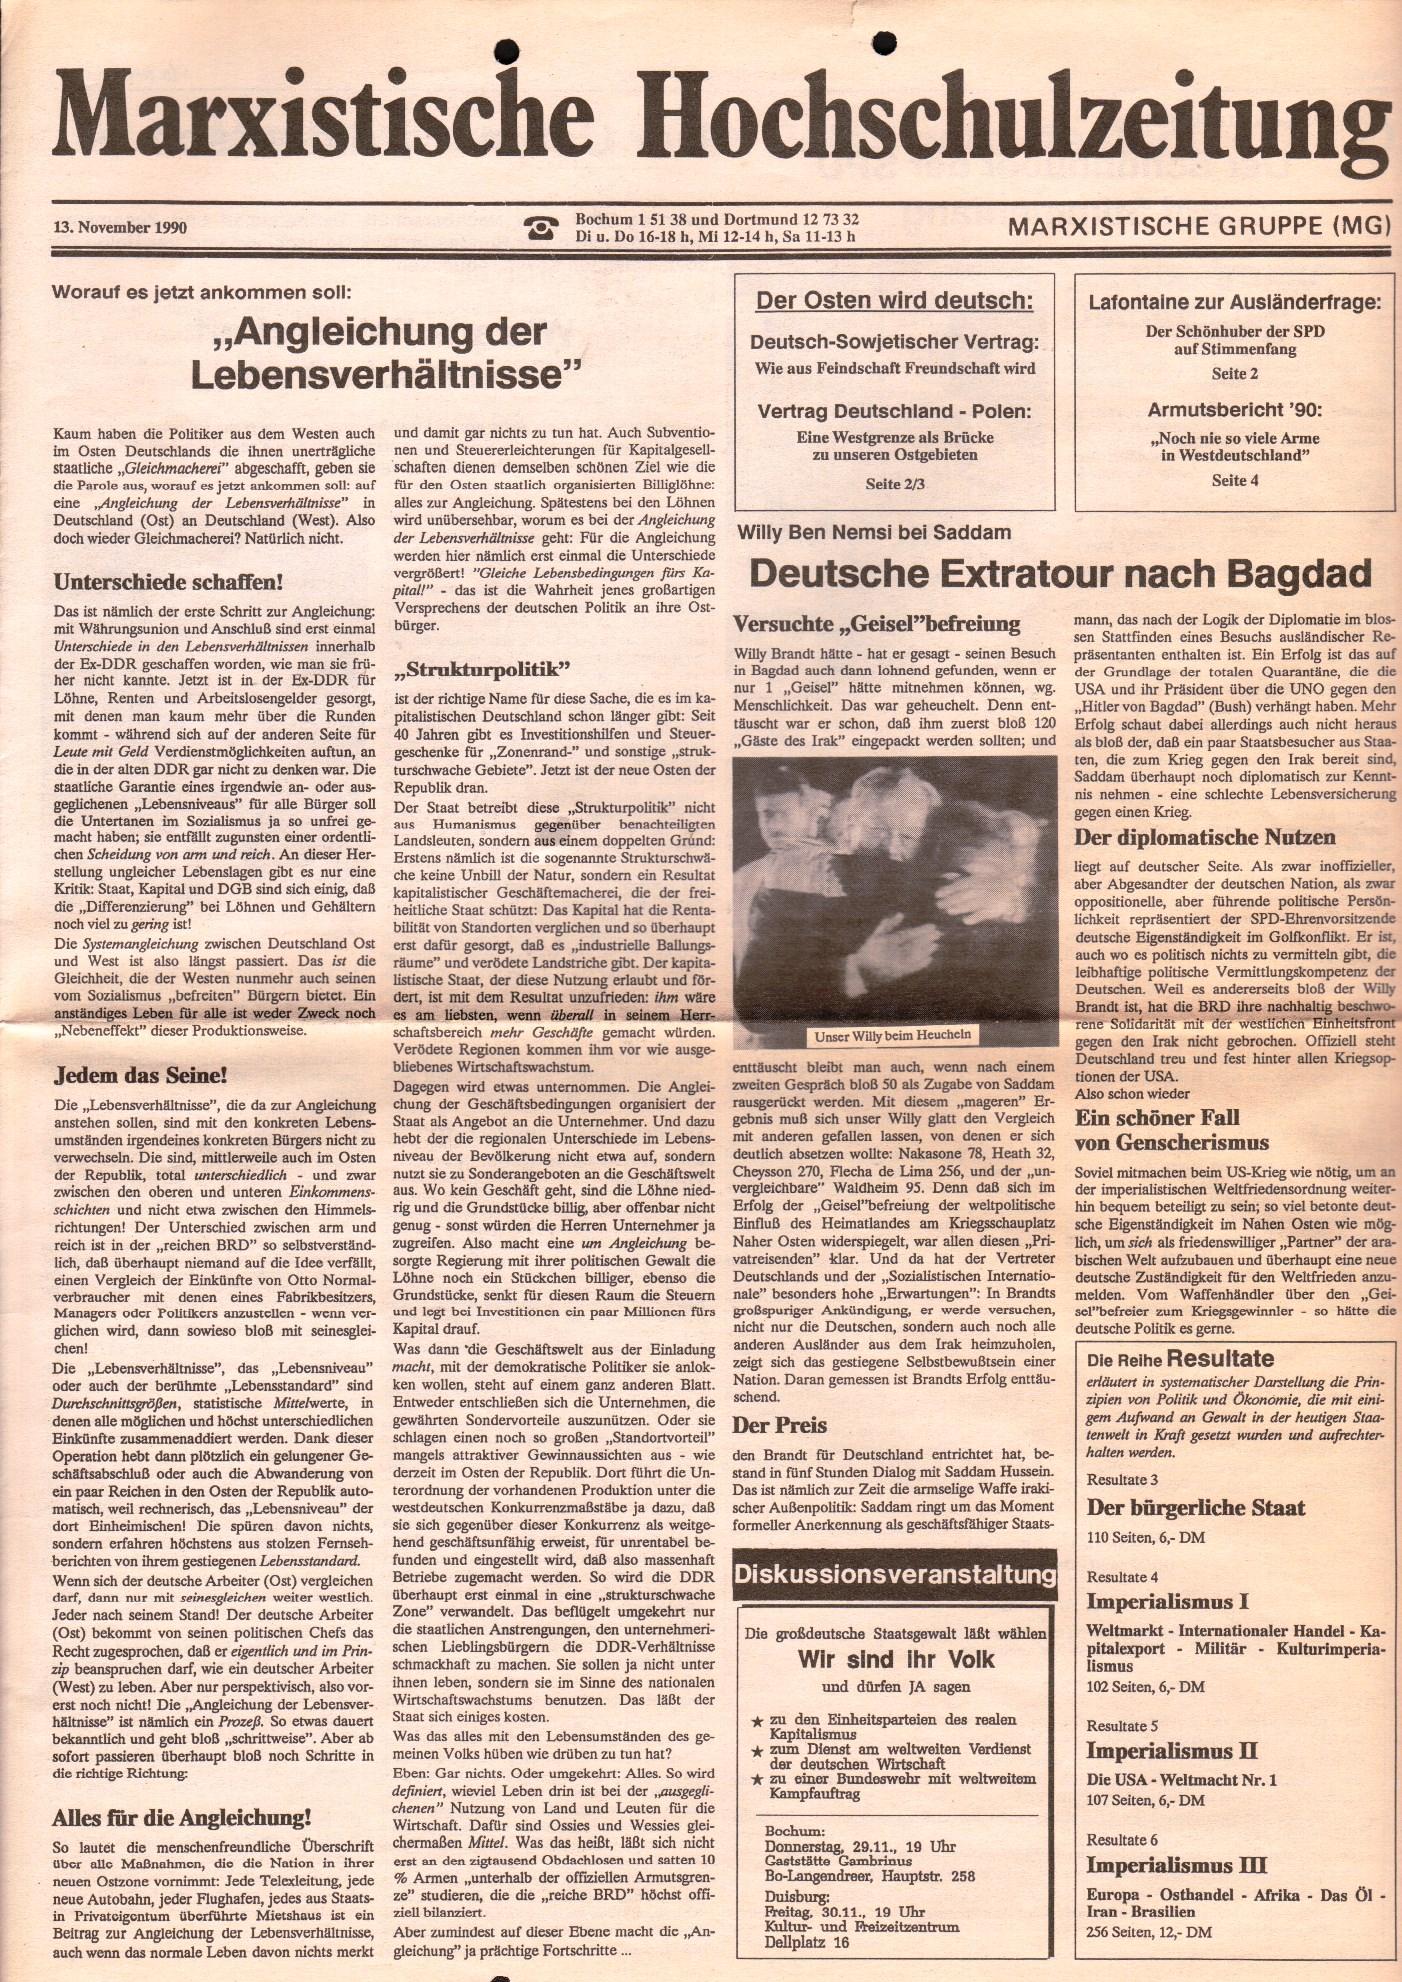 Ruhrgebiet_MG_Marxistische_Hochschulzeitung_19901113_01